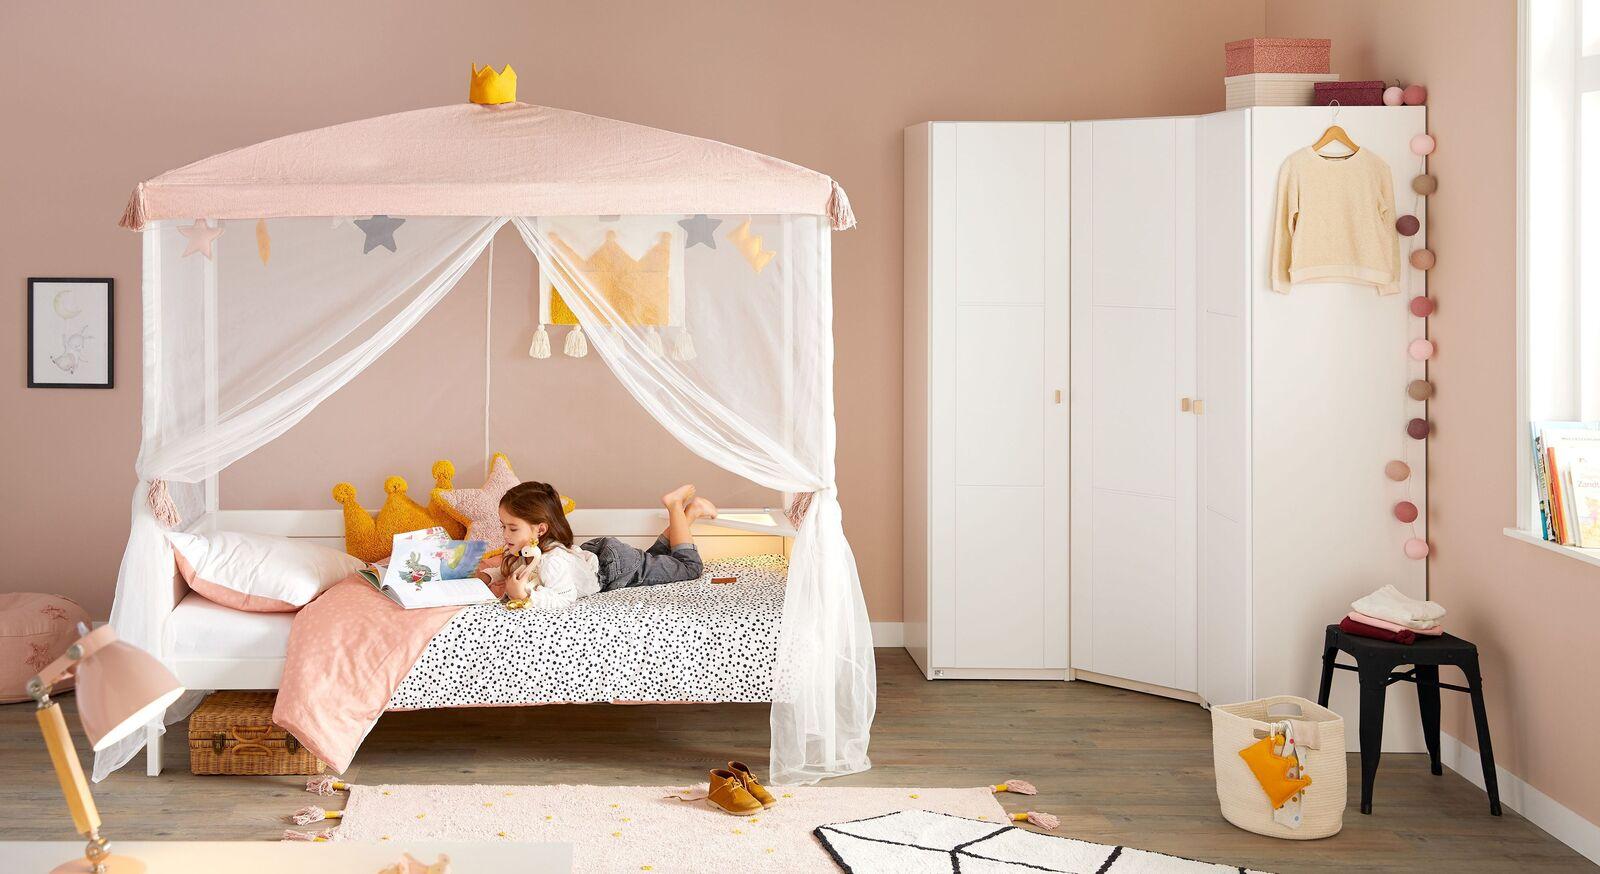 LIFETIME Kinder-Himmelbett Princess für Mädchenzimmer